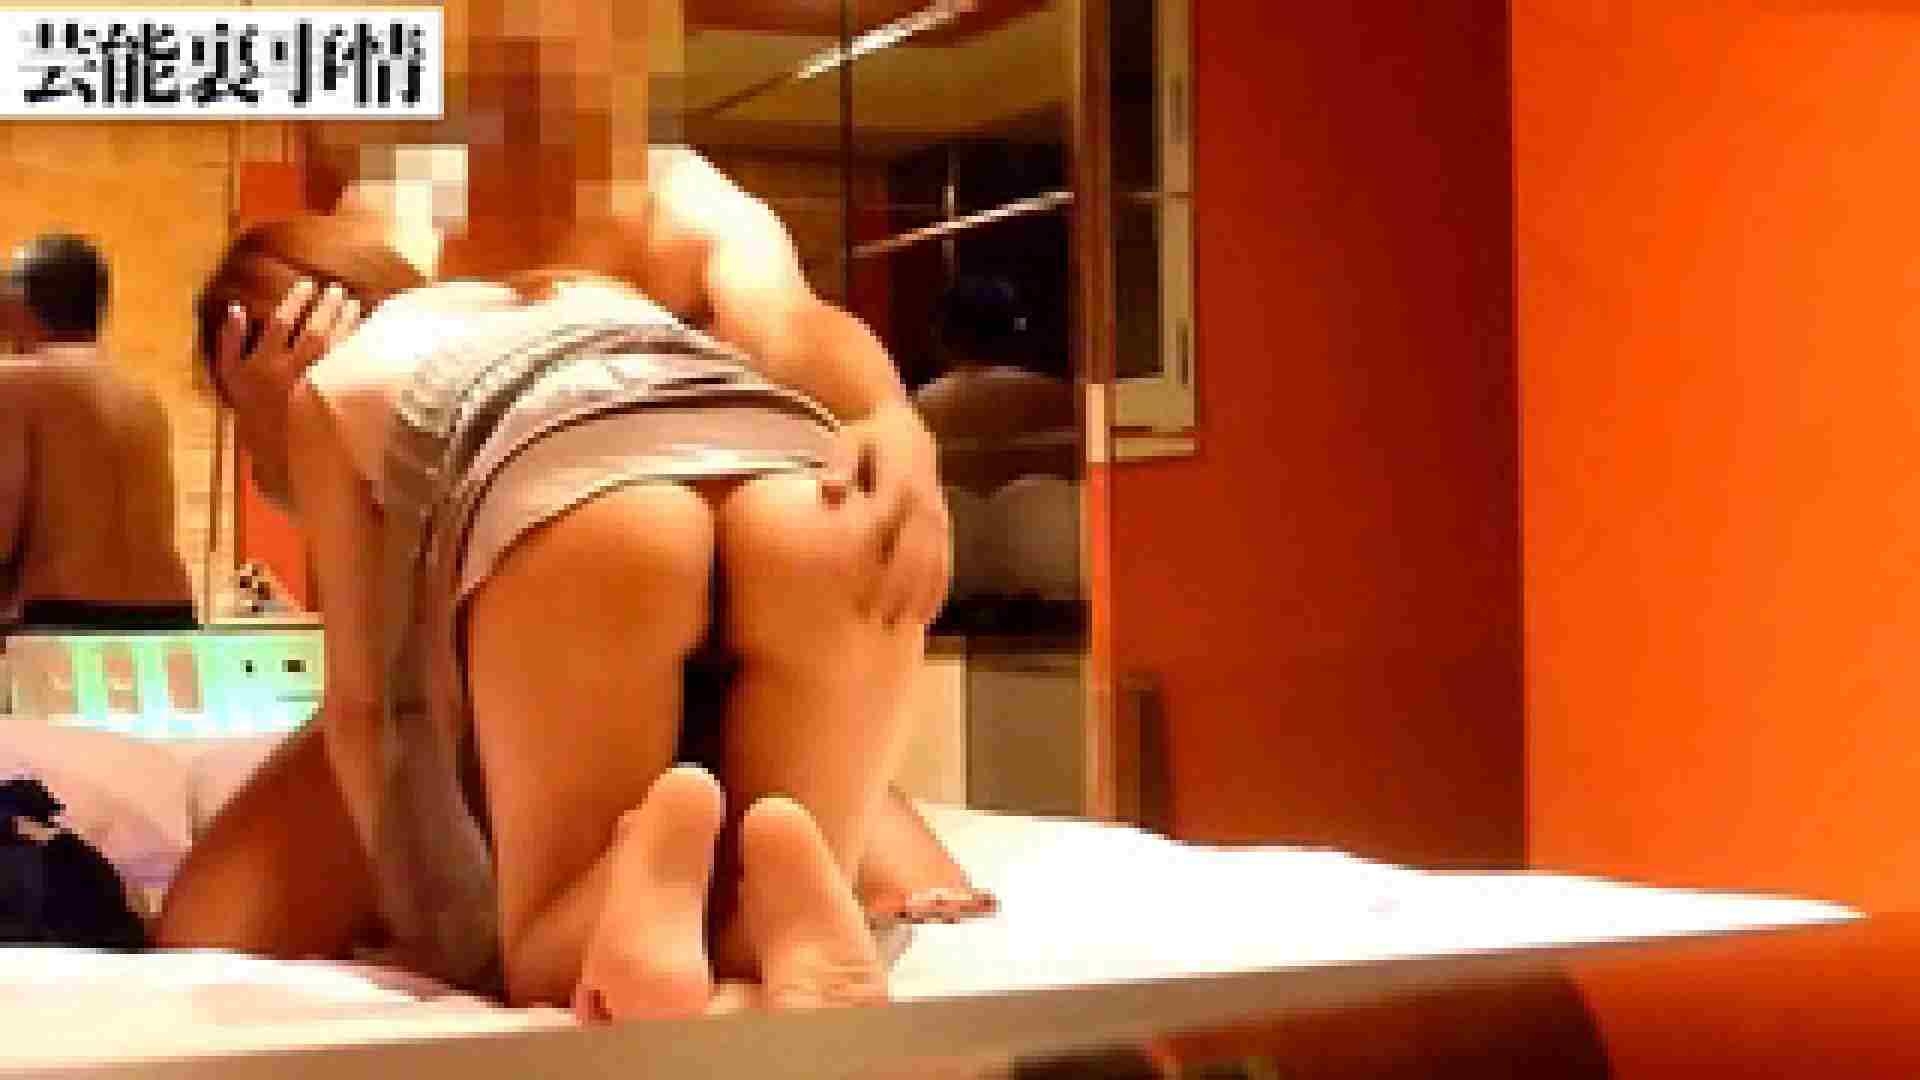 某芸能プロダクションの裏のお仕事10 韓流 | タレントのH動画  111pic 109